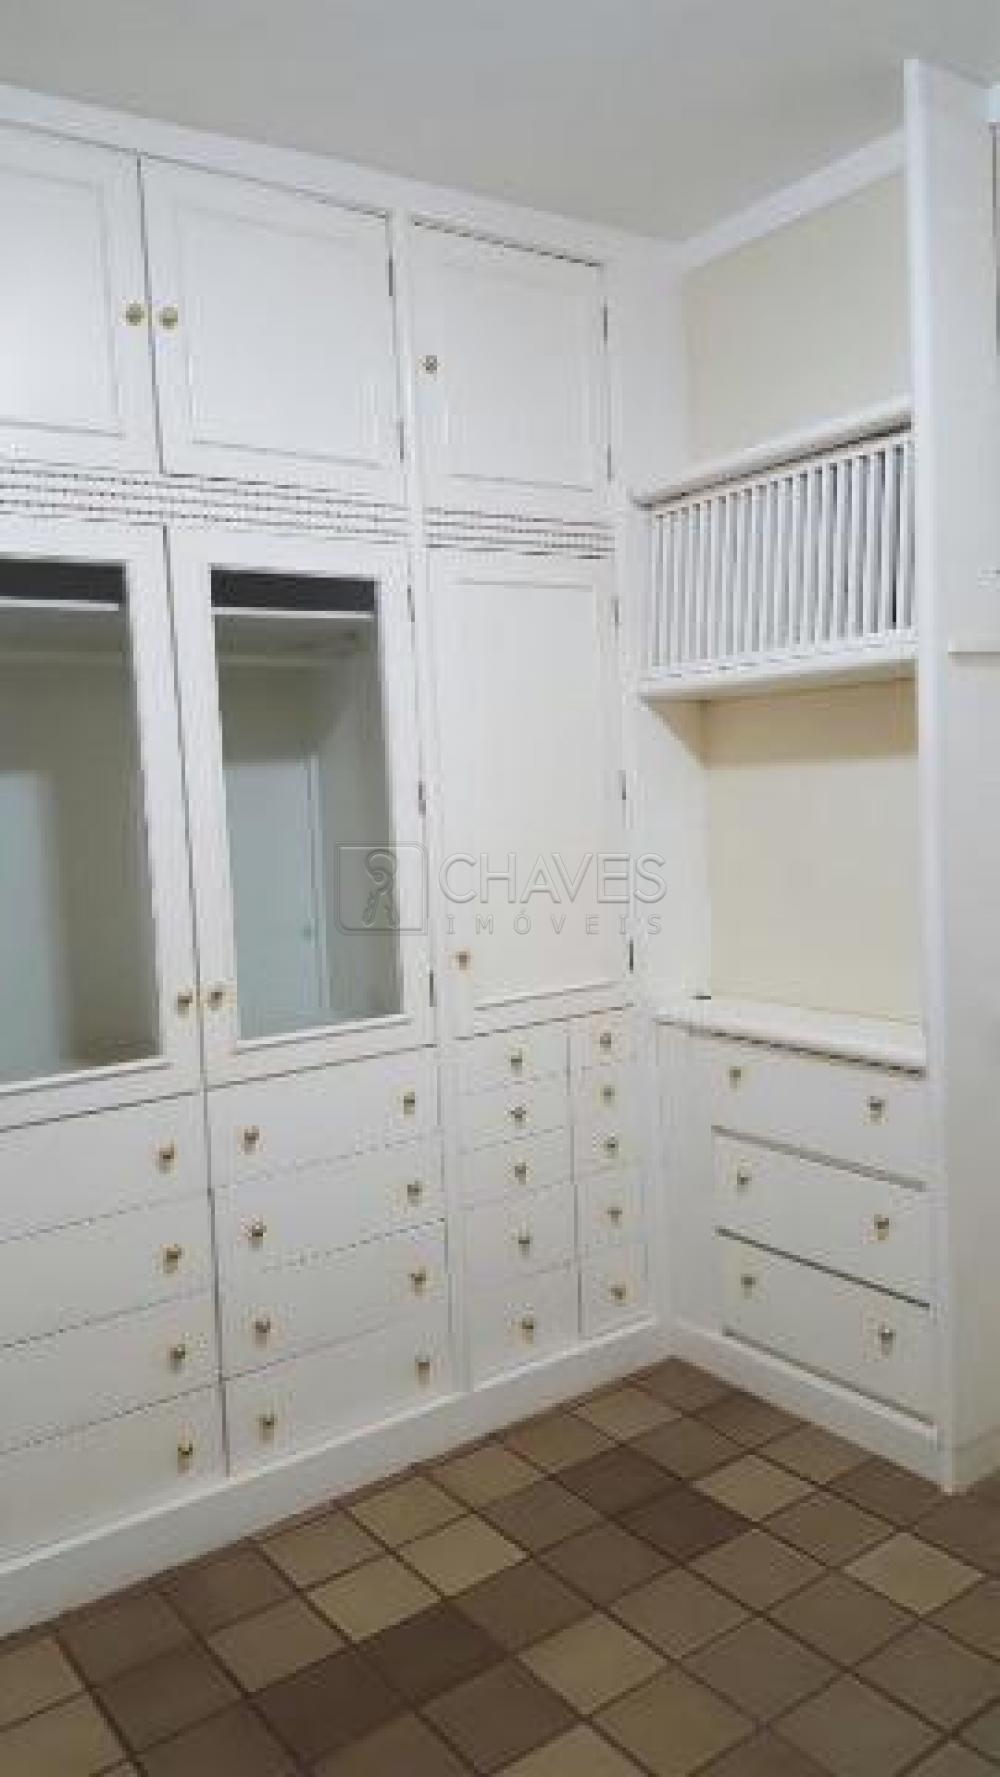 Alugar Apartamento / Cobertura em Ribeirão Preto apenas R$ 3.200,00 - Foto 11